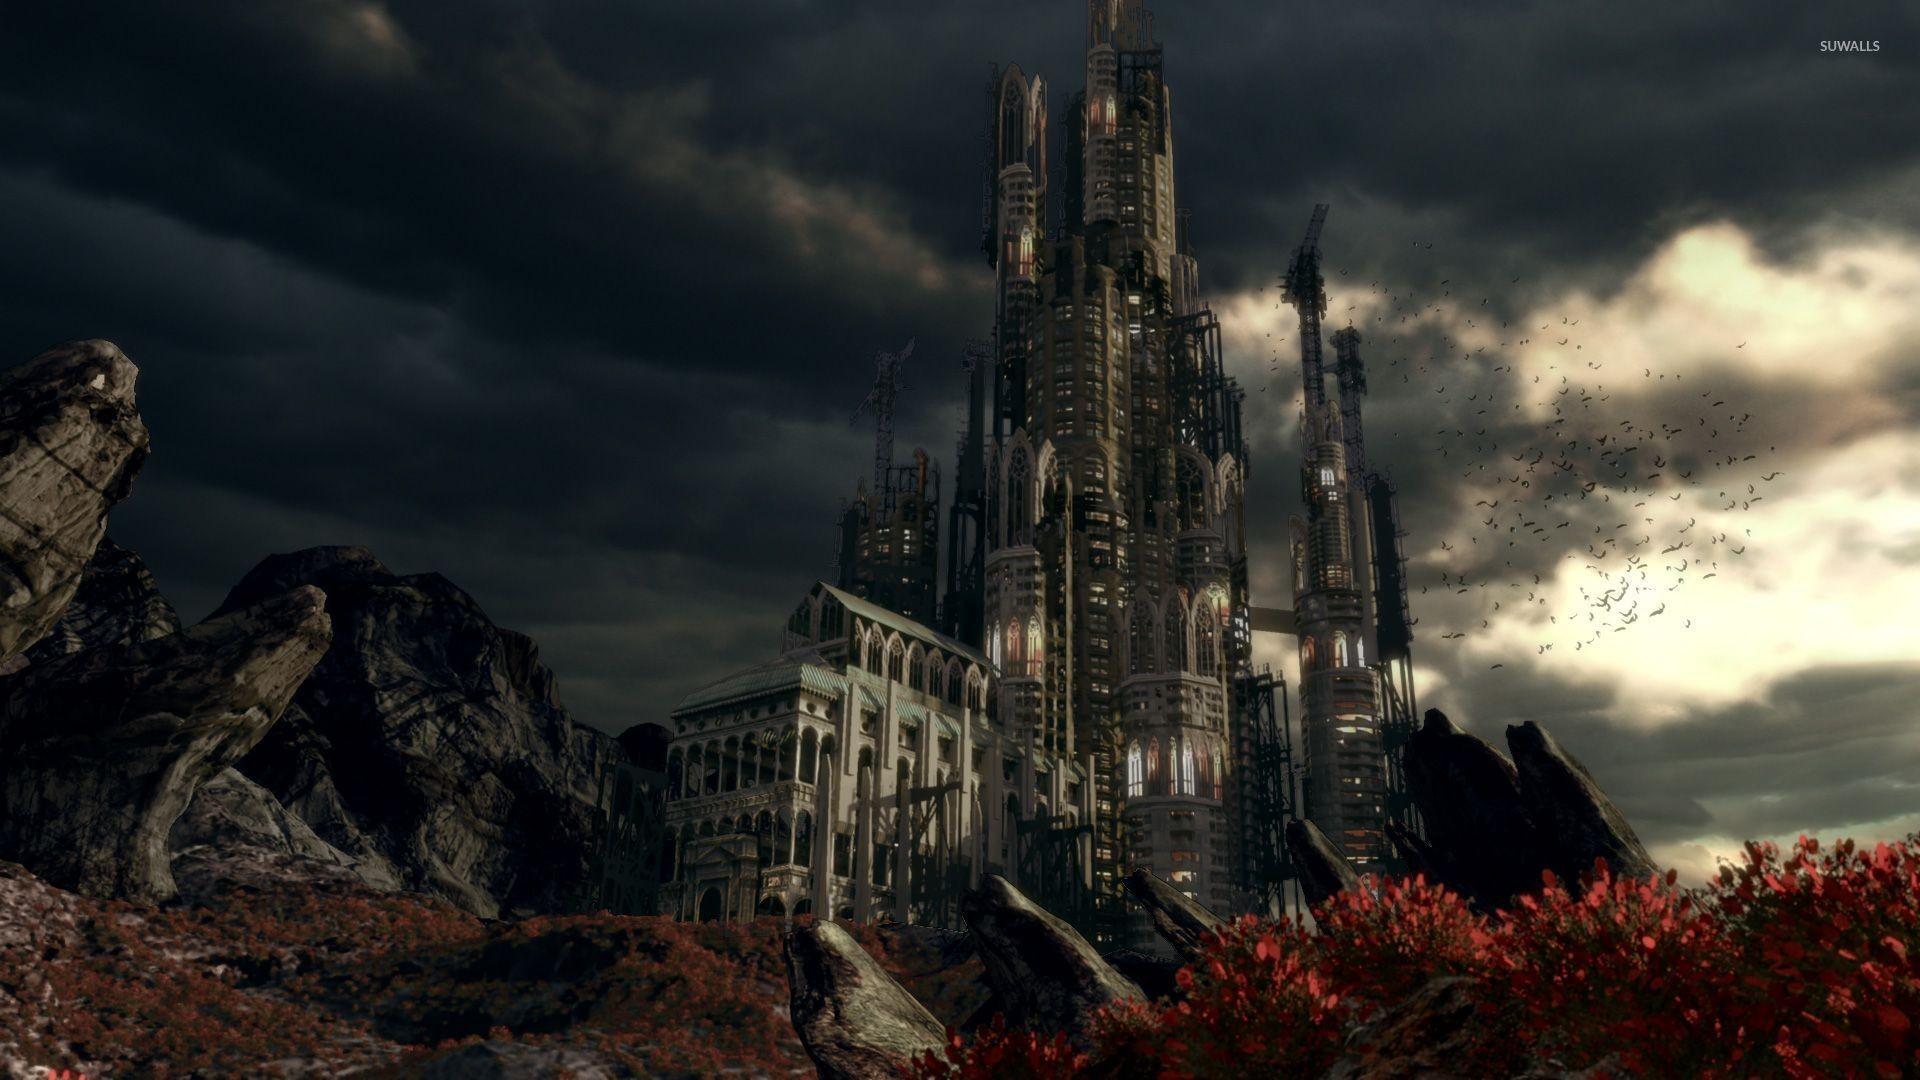 Dark Castle Wallpapers